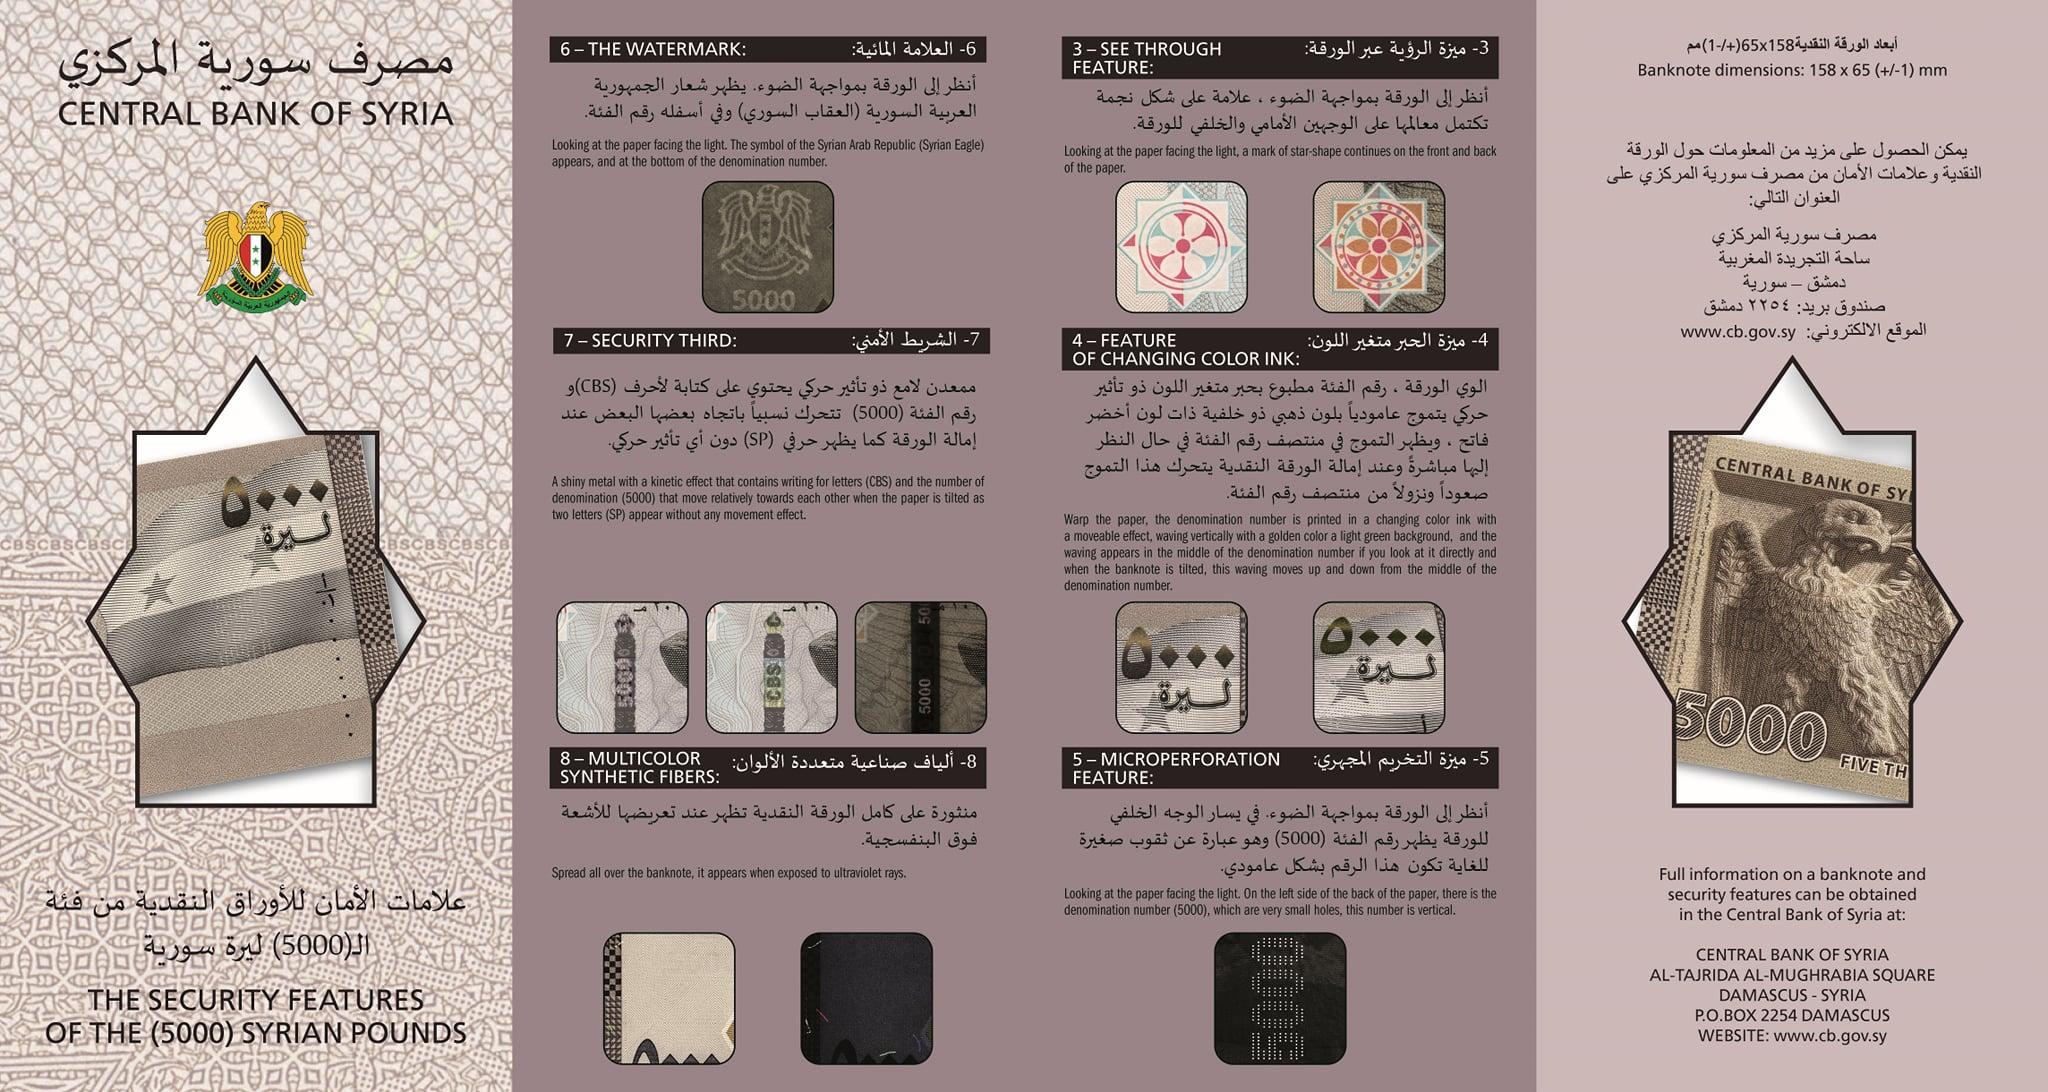 العلامات التي تميز فئة 5000 ليرة سورية